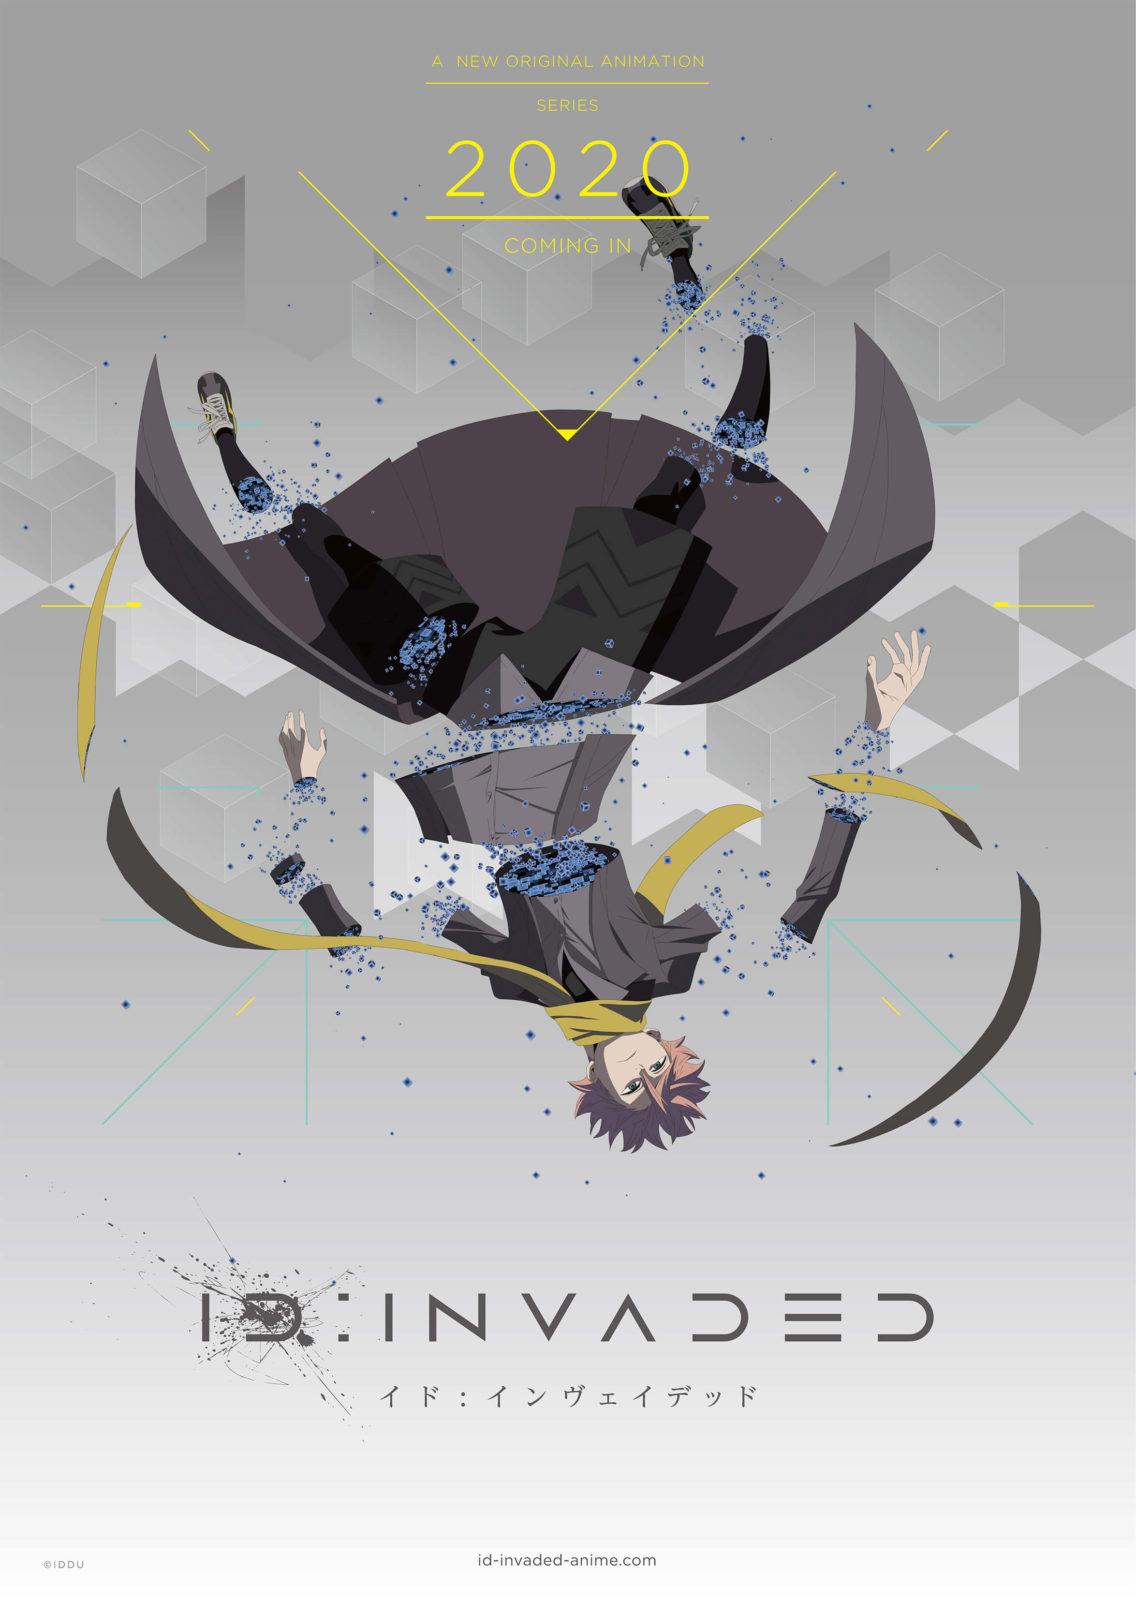 Sou、新曲「ミスターフィクサー」がアニメ『ID:INVADED イド:インヴェイデッド』OPテーマに決定サムネイル画像